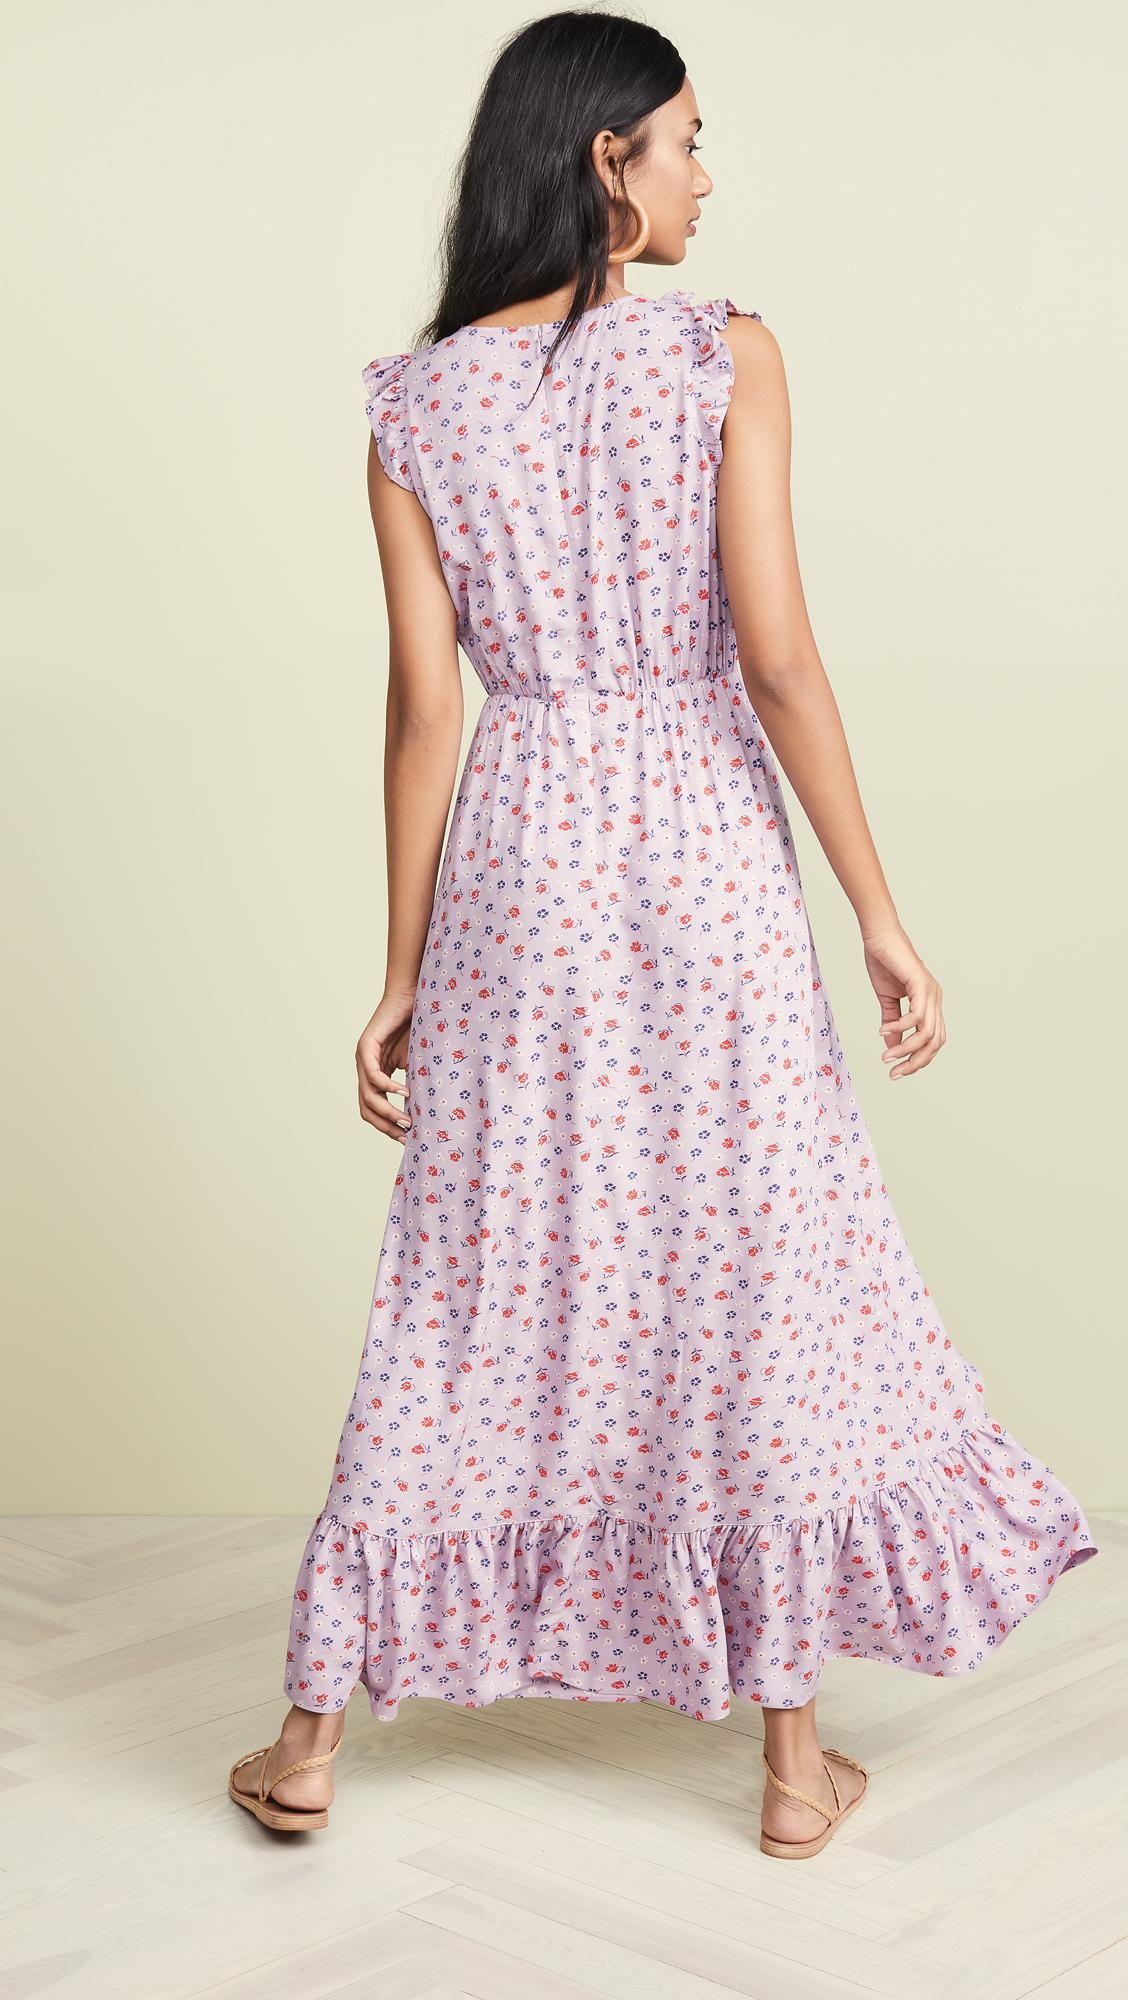 c1ce1ad3de3874 Madewell Ruffle-Edged Wrap Maxi Dress in Prairie Posies | SHOPBOP